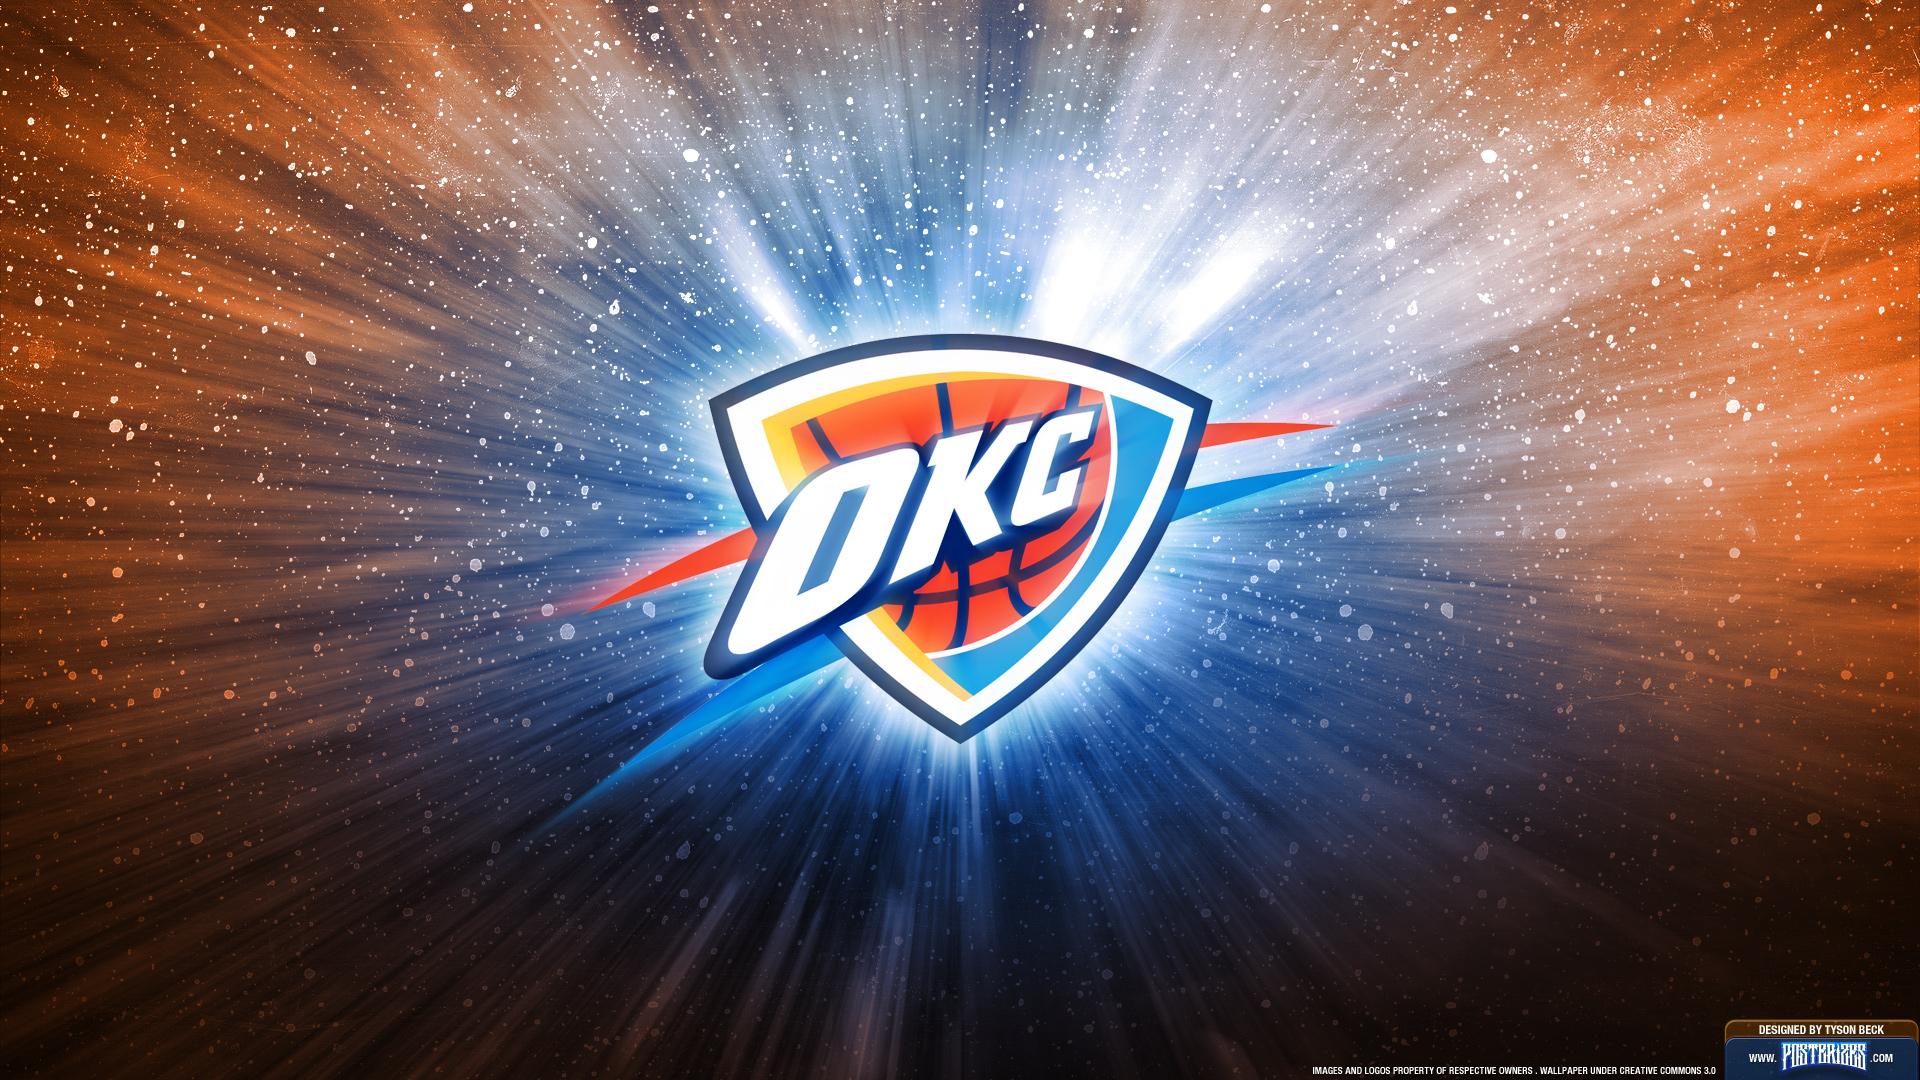 Description Oklahoma City Thunder HD Wallpaper is a hi res Wallpaper 1920x1080